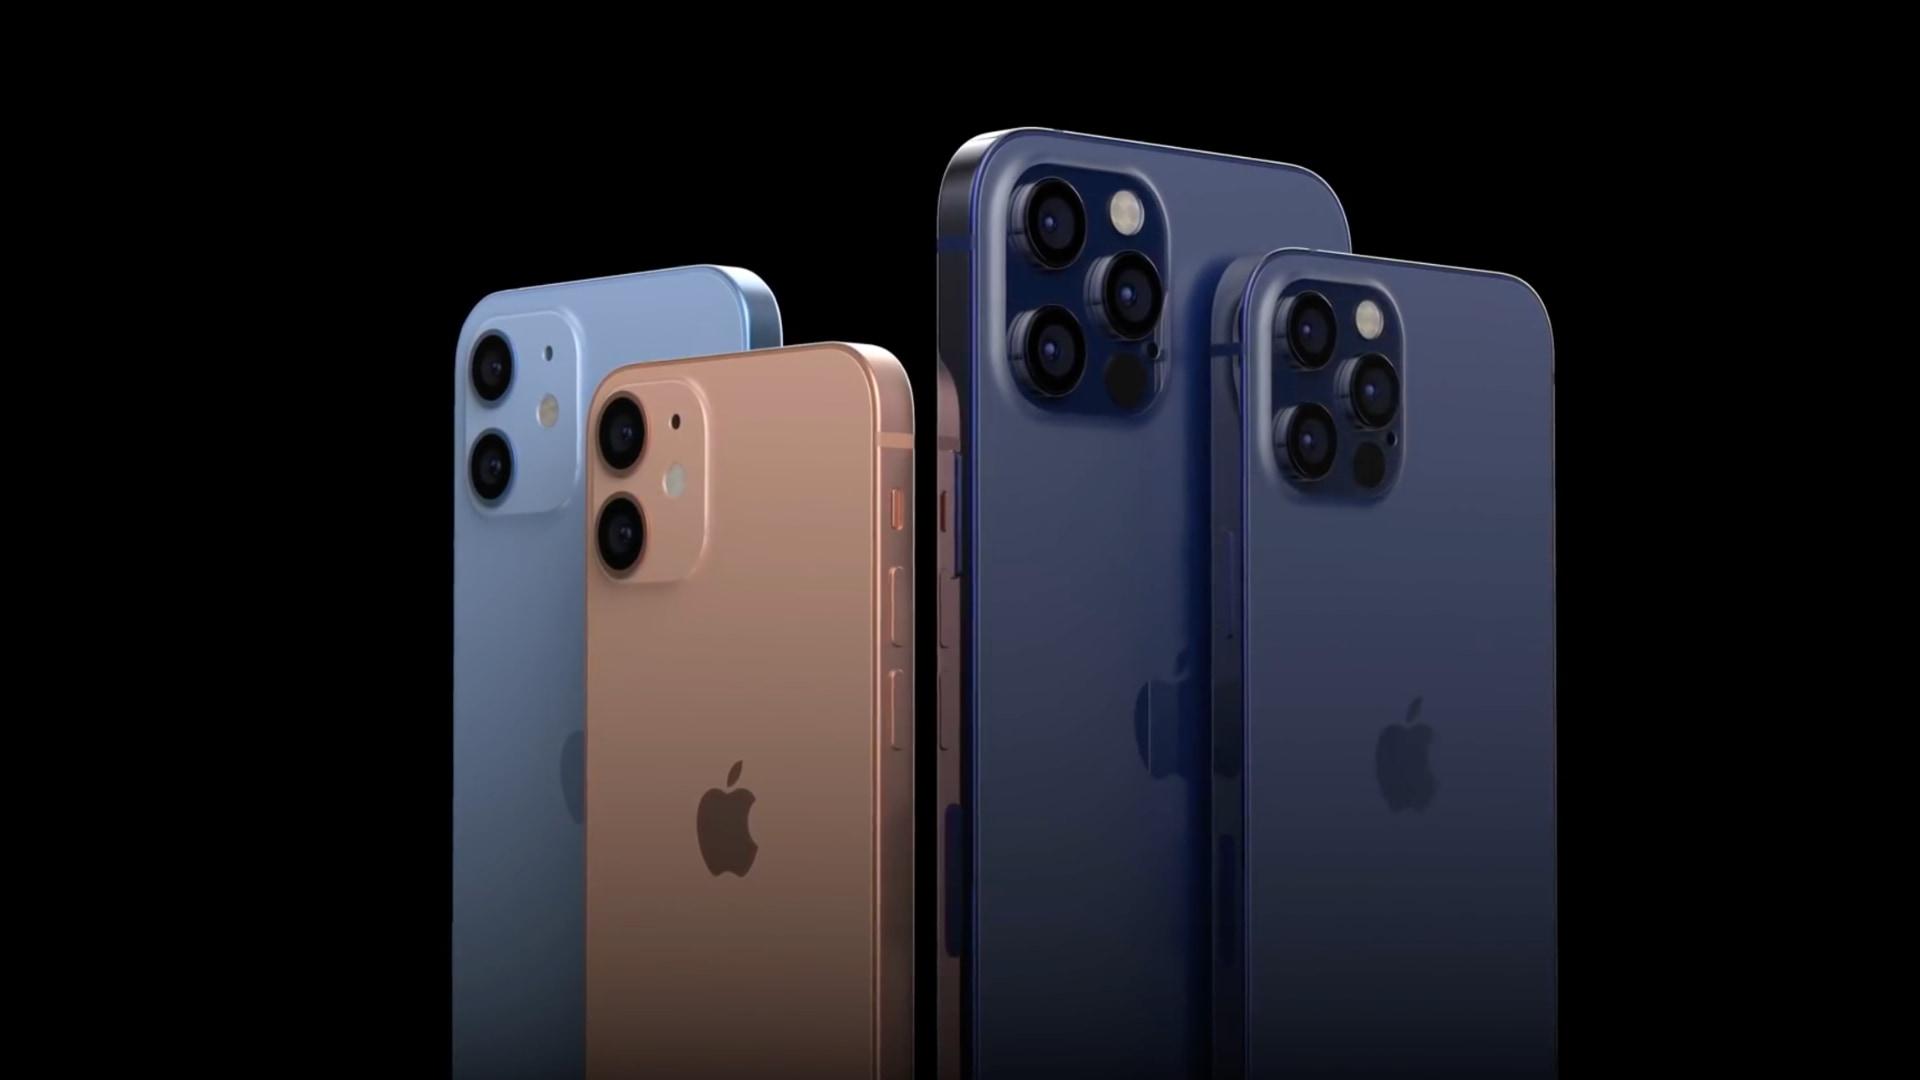 All Iphone 12 Details Revealed Starts At 699 Mmwave 5g Major Camera Upgrades Appletrack